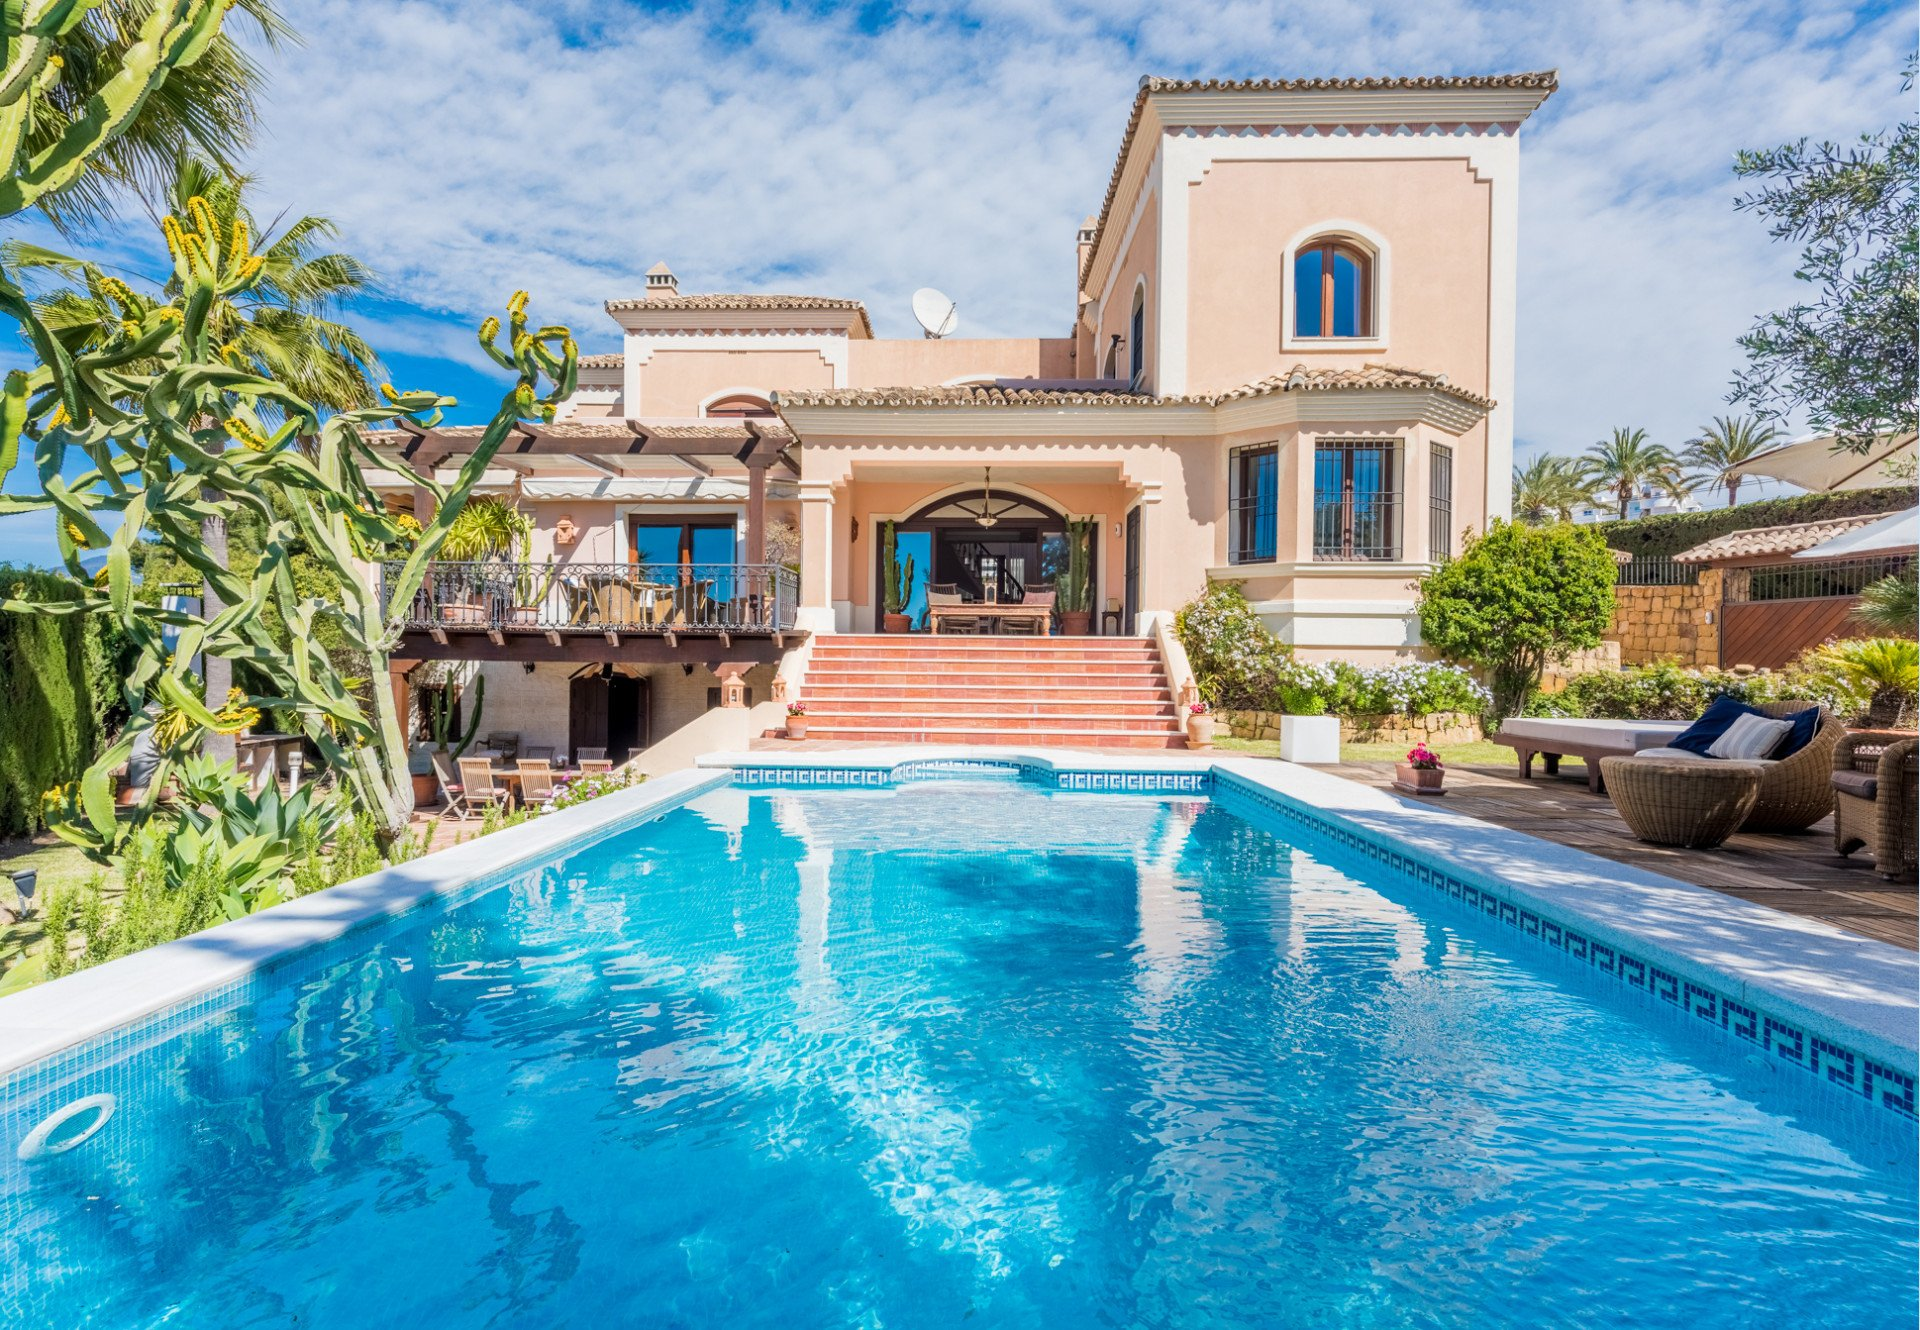 Villa in Marbella, Andalusia, Spain 1 - 10566244